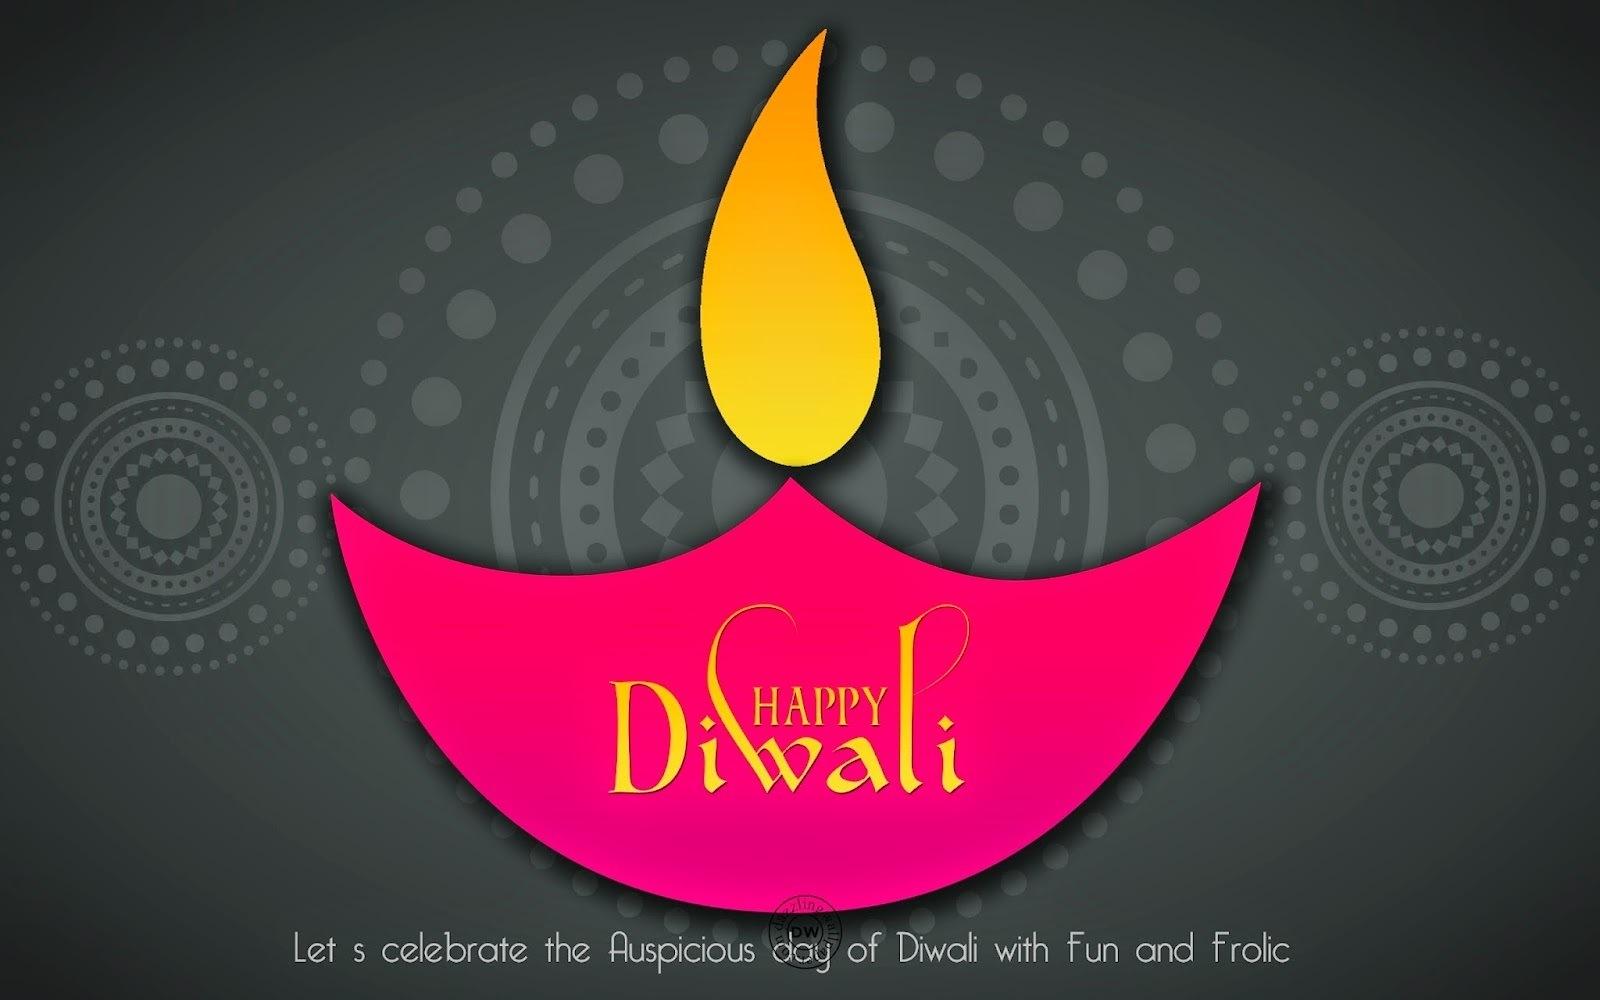 Fantastic Wallpaper Mobile Diwali - happy-diwali-dark-image  Pic_4666100.jpg